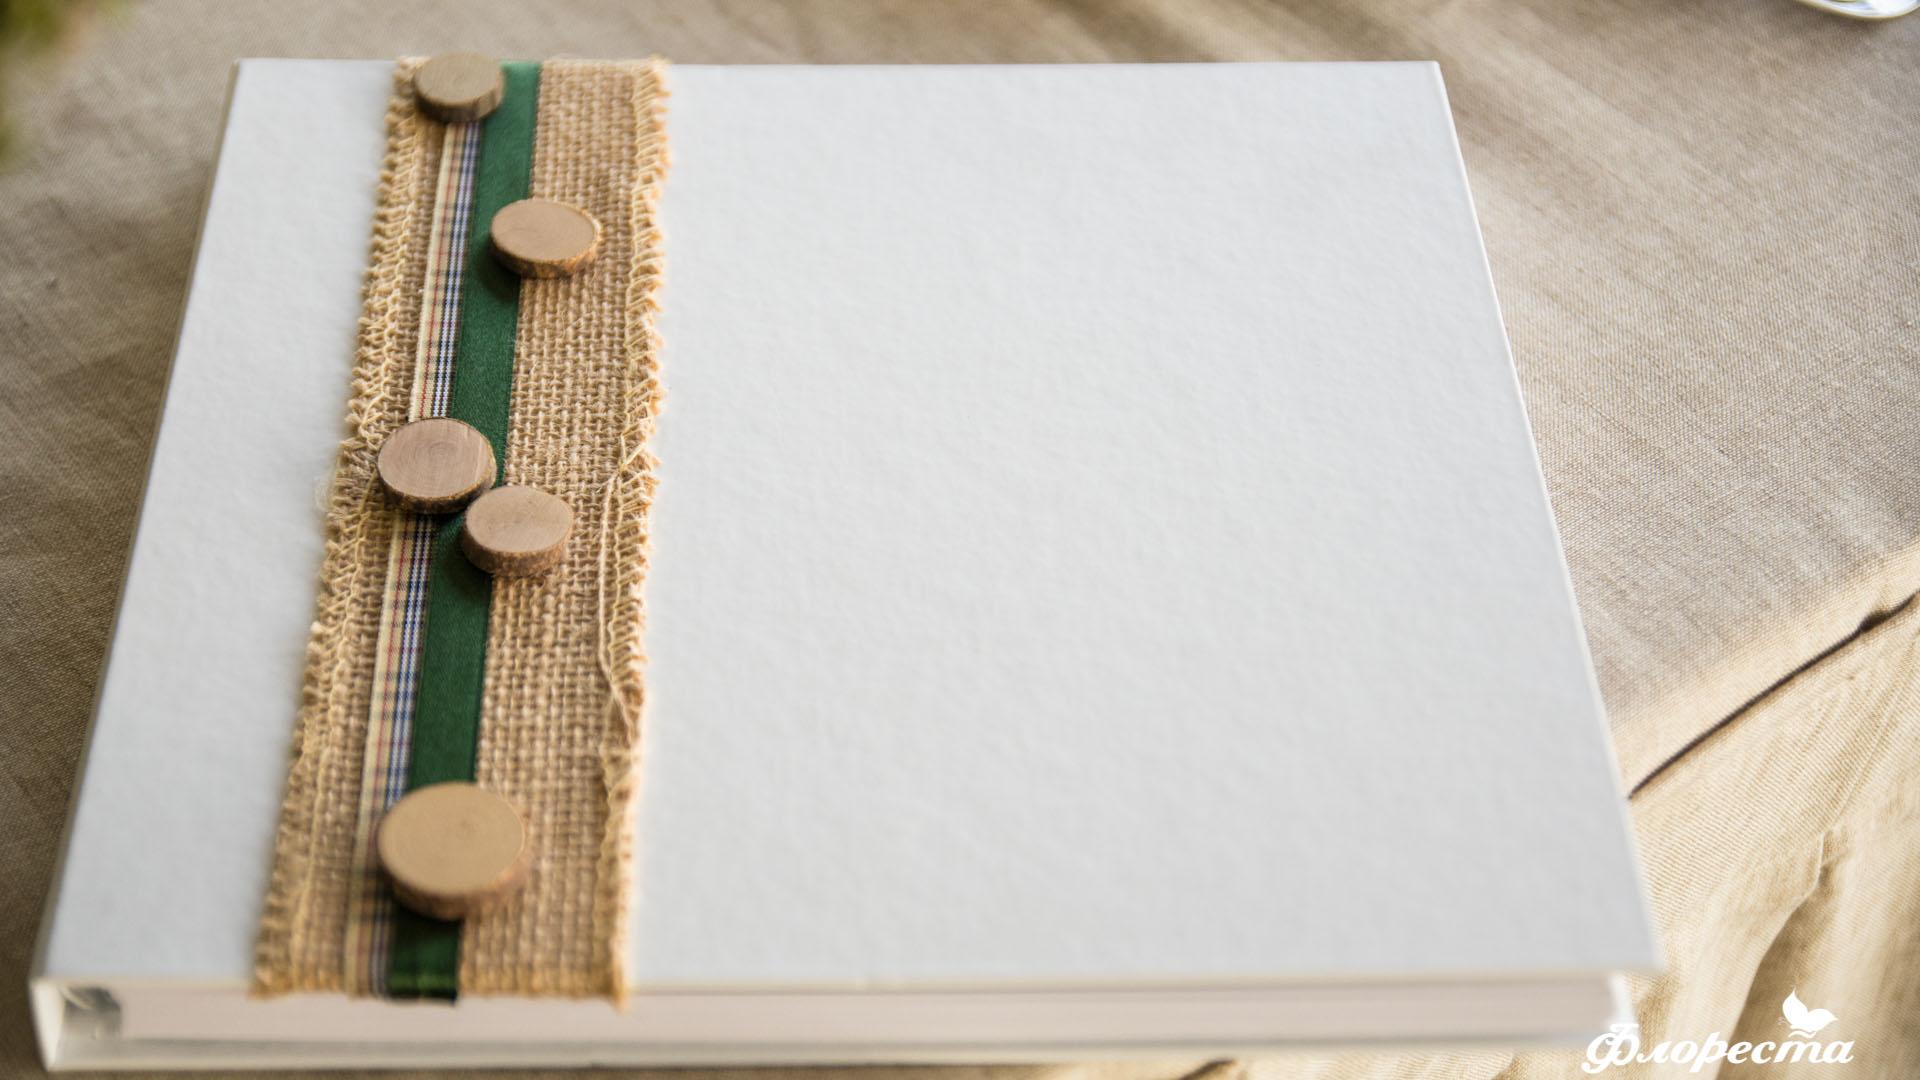 Ръчно изработена декорация на книга с пожелания